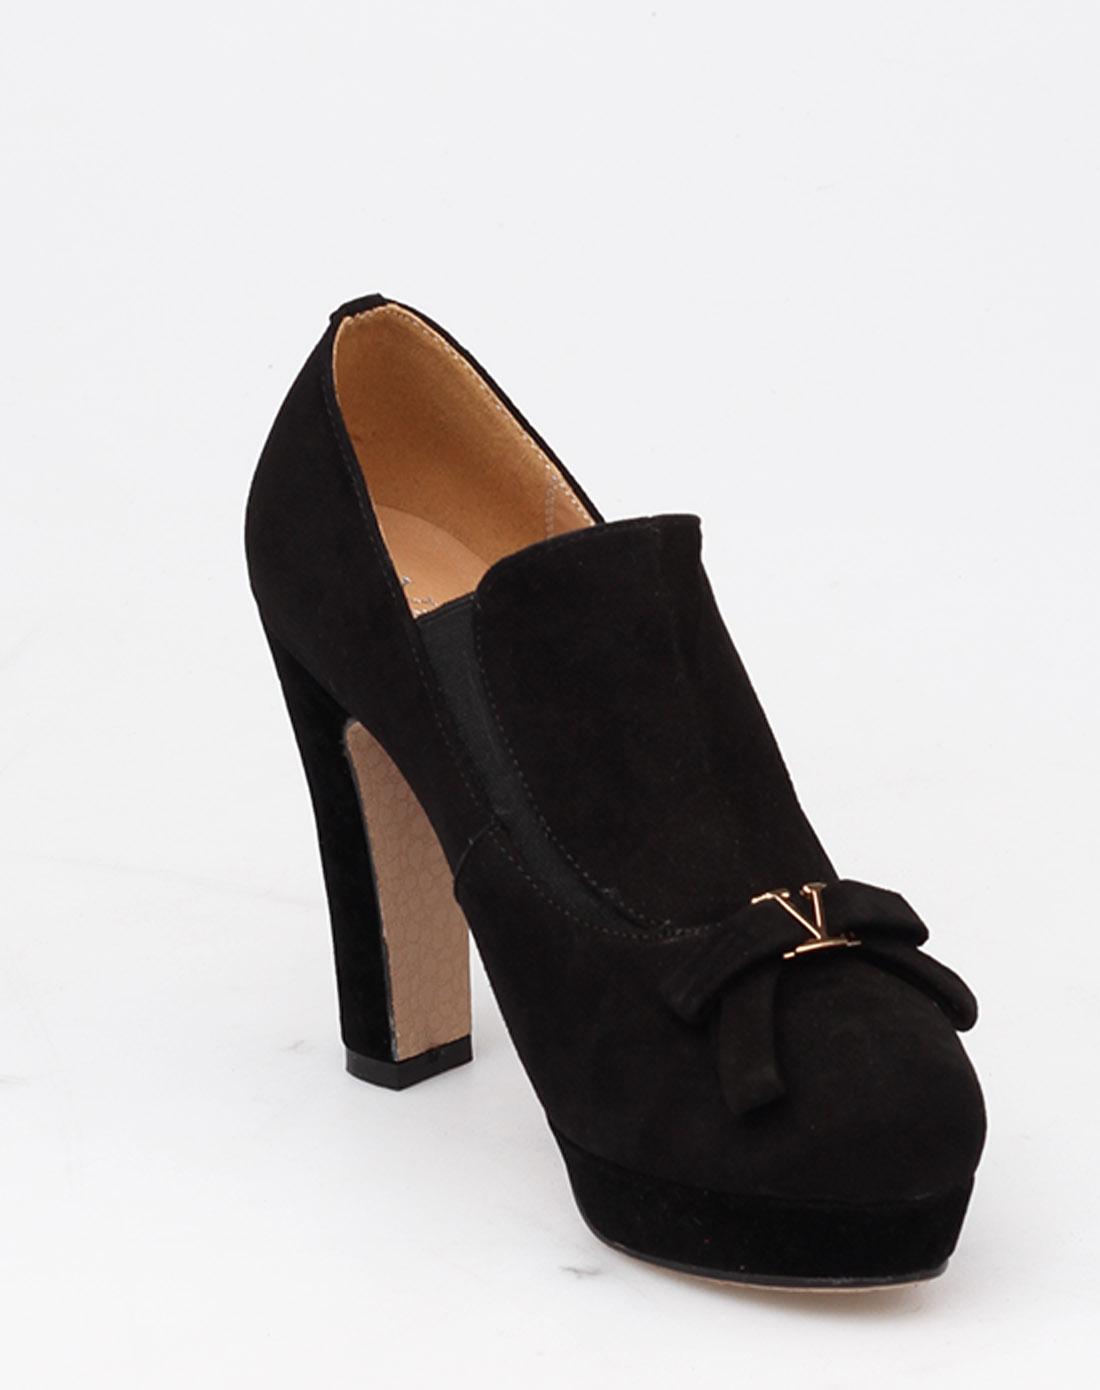 黑色时尚高跟鞋